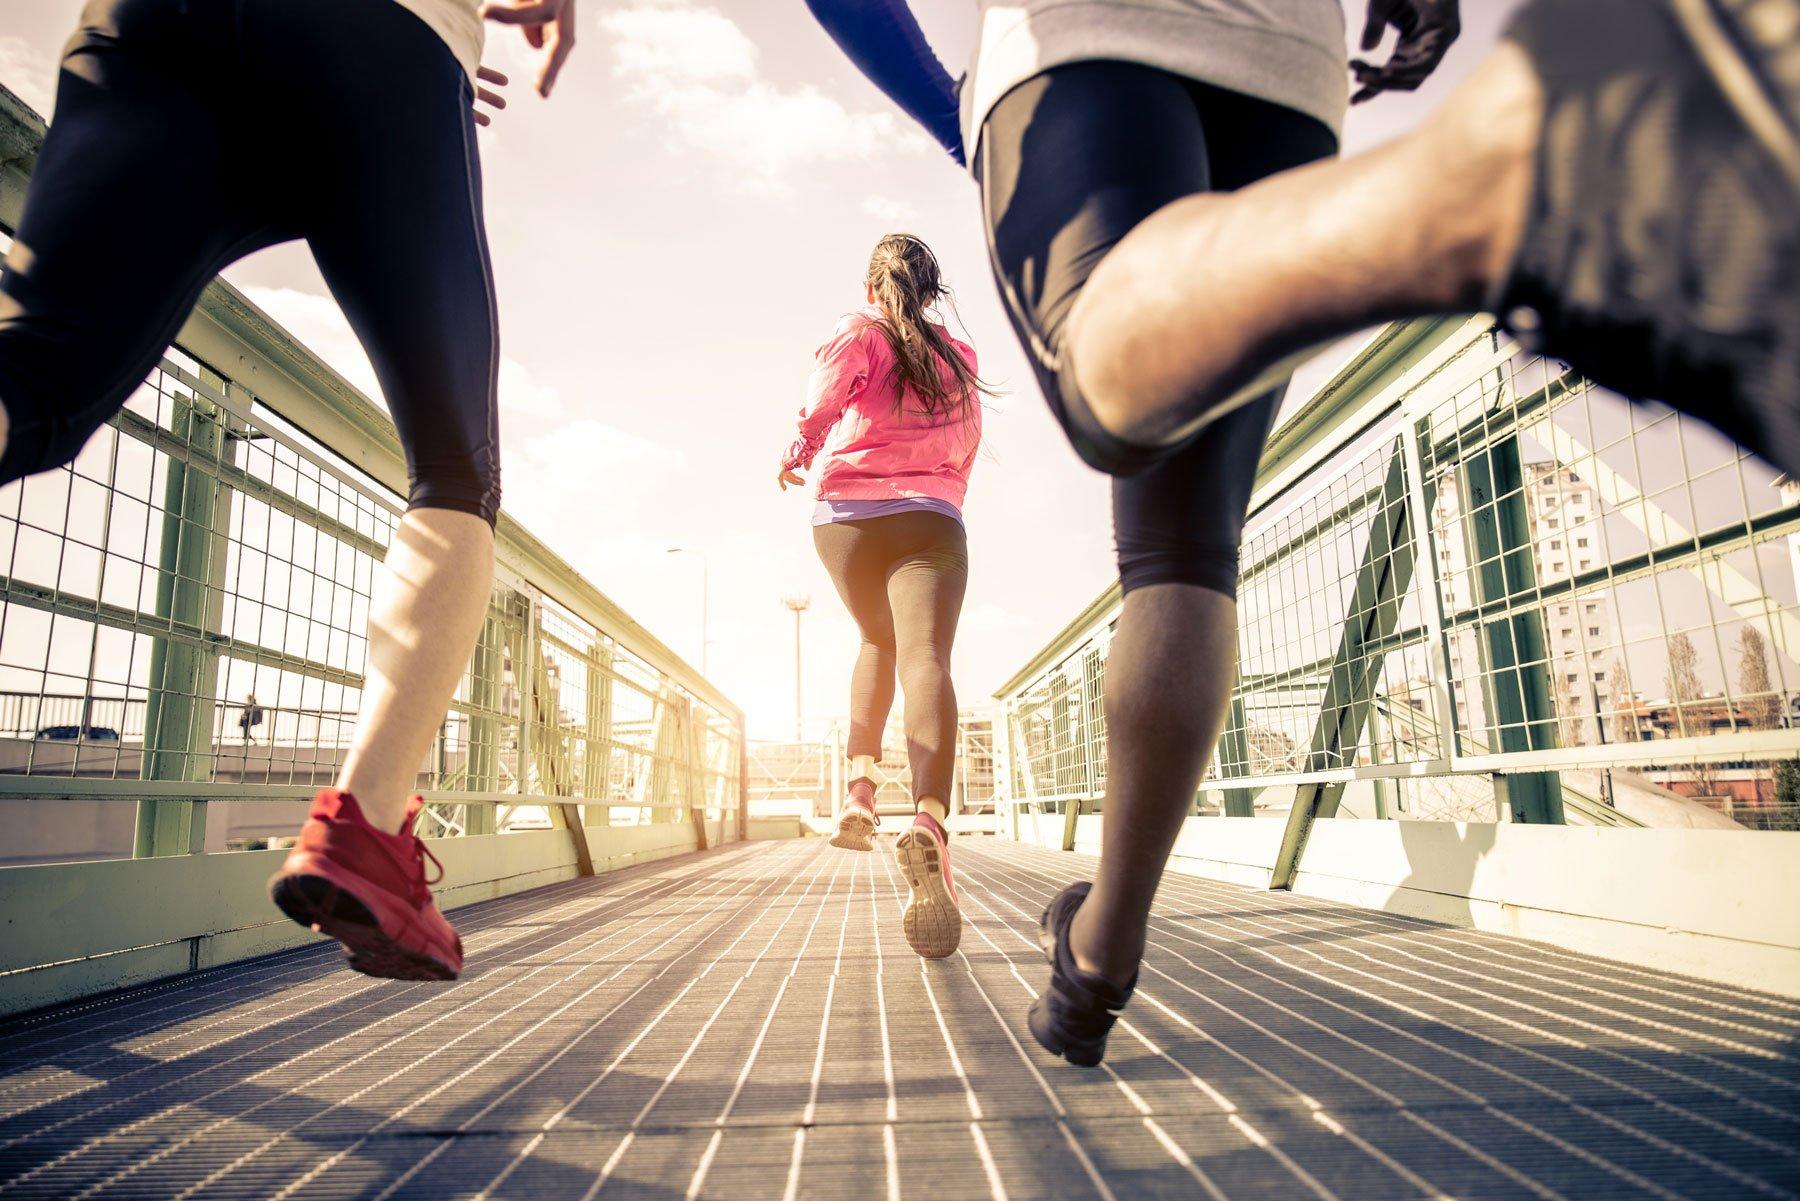 Tre corridori che sprintono all'aperto per uno stile di vita sano e concetti di sport